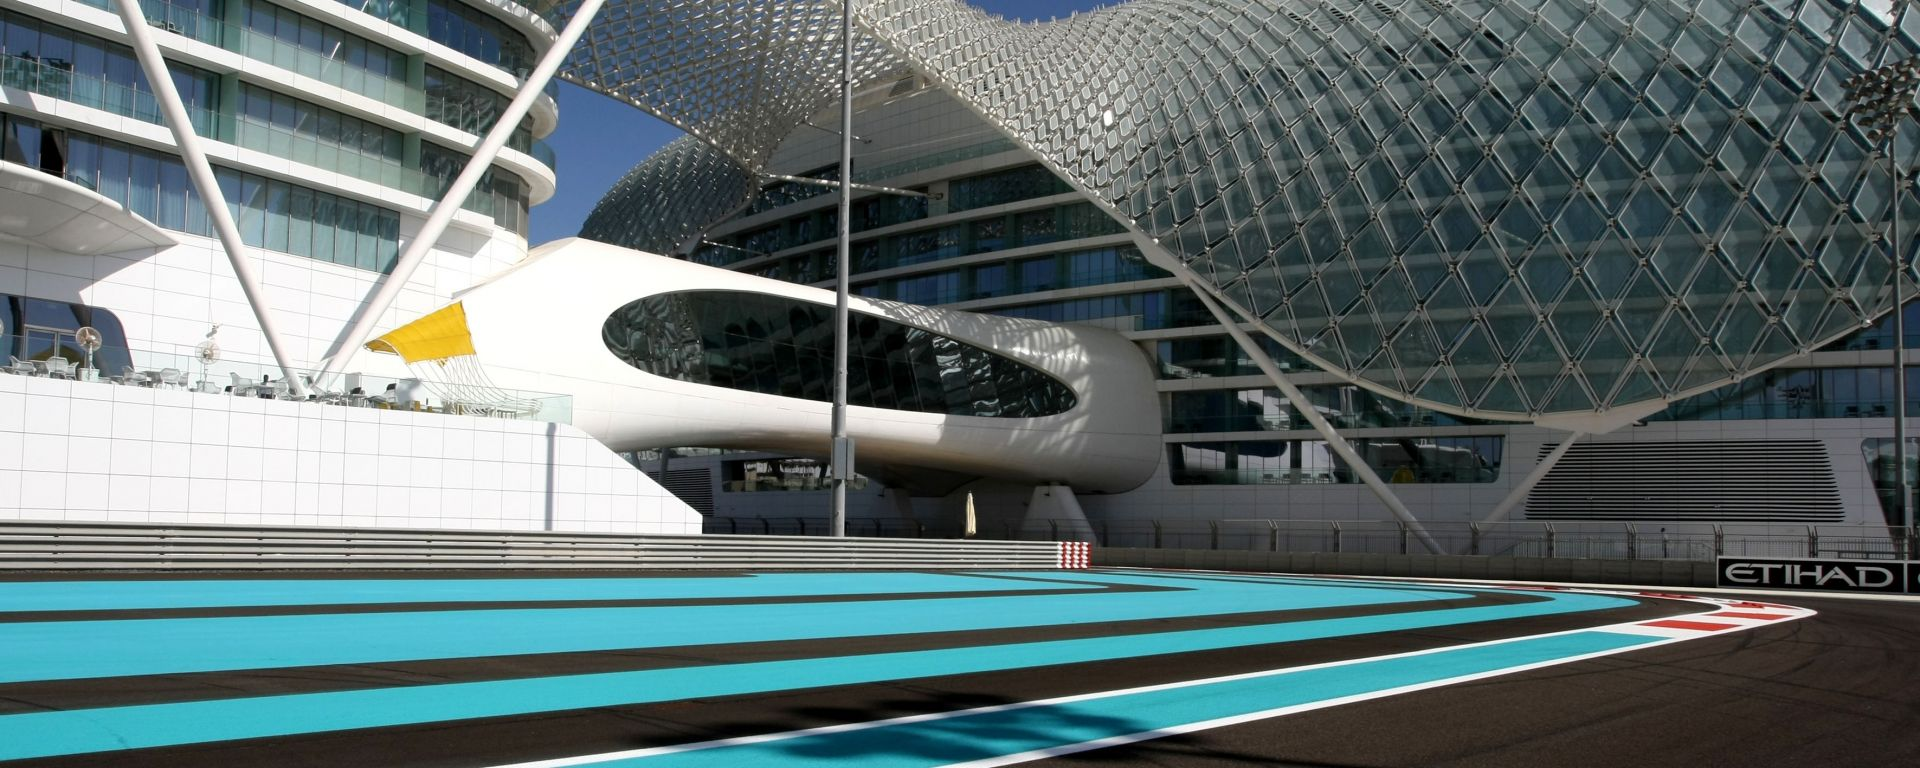 Atmosfera del circuito di Yas Marina, Abu Dhabi